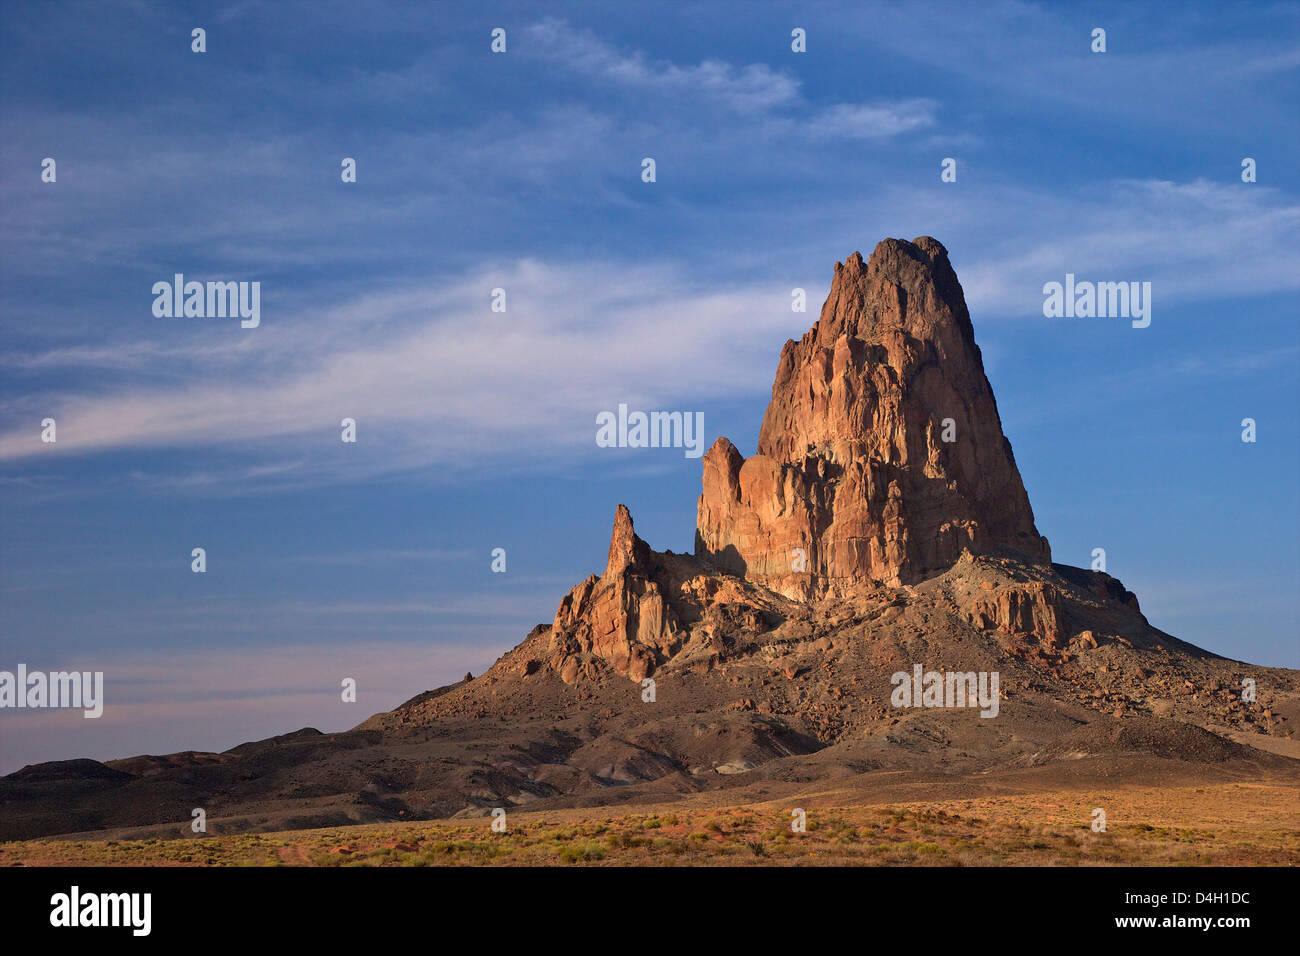 Morgensonne auf Agathi Peak (El Capita), in der Nähe von Monument Valley in Arizona Highway 163, Arizona, USA Stockbild